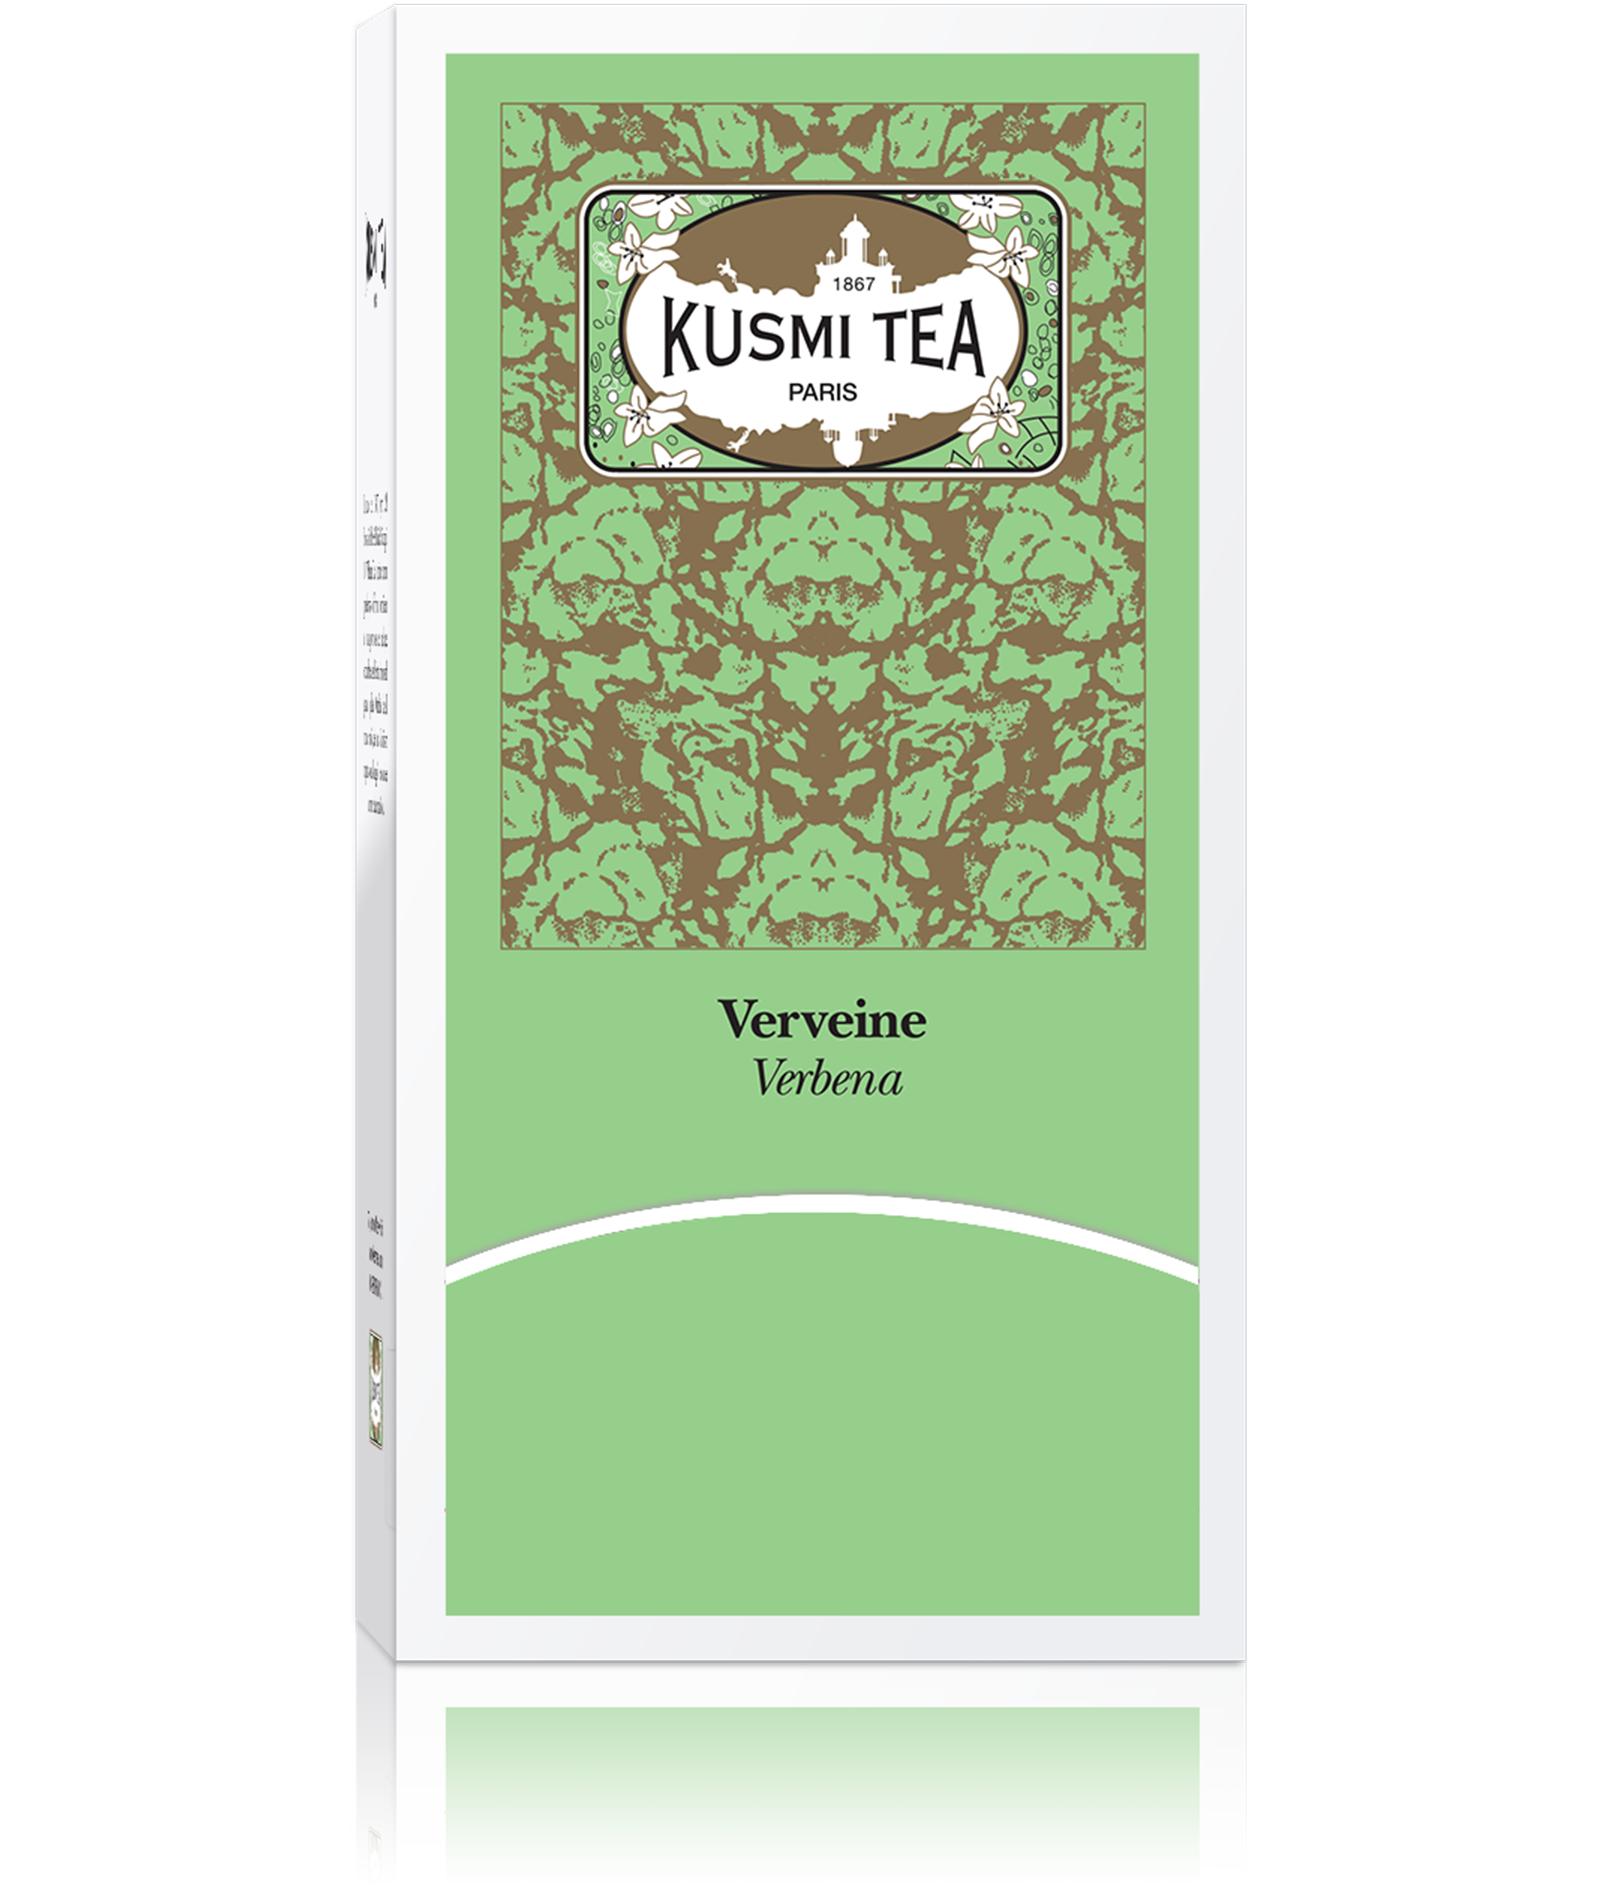 KUSMI TEA Verveine